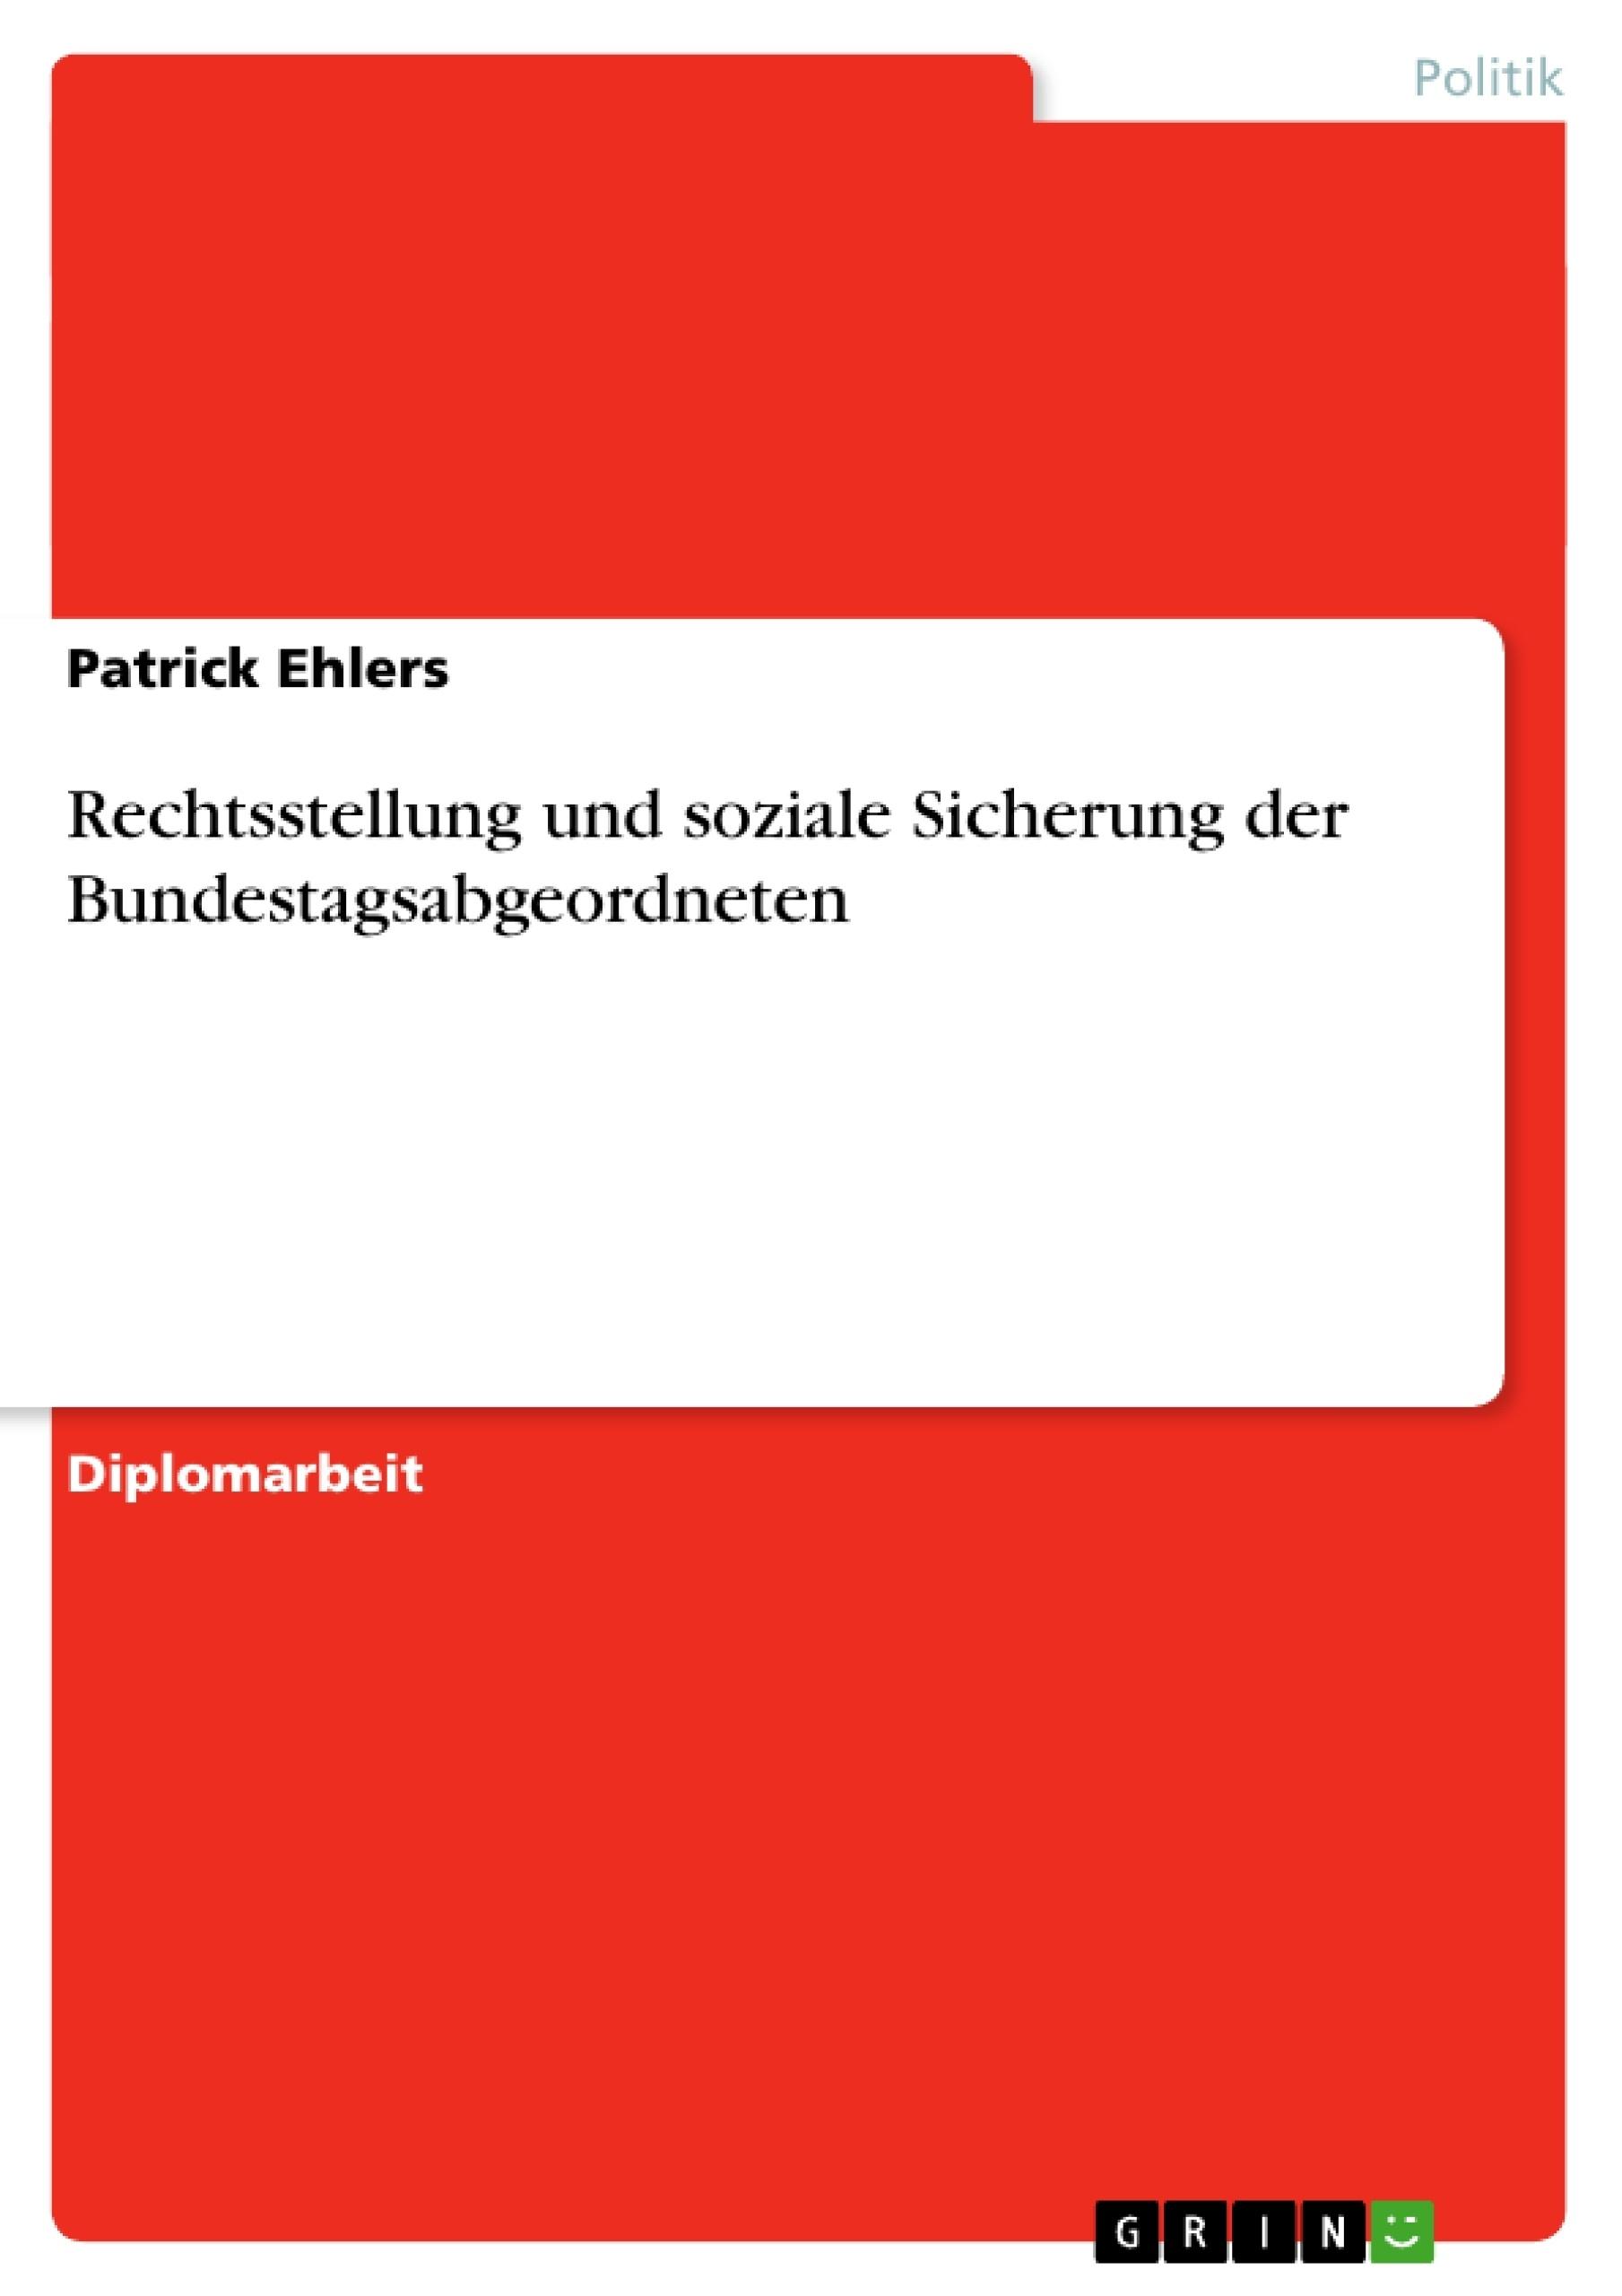 Titel: Rechtsstellung und soziale Sicherung der Bundestagsabgeordneten